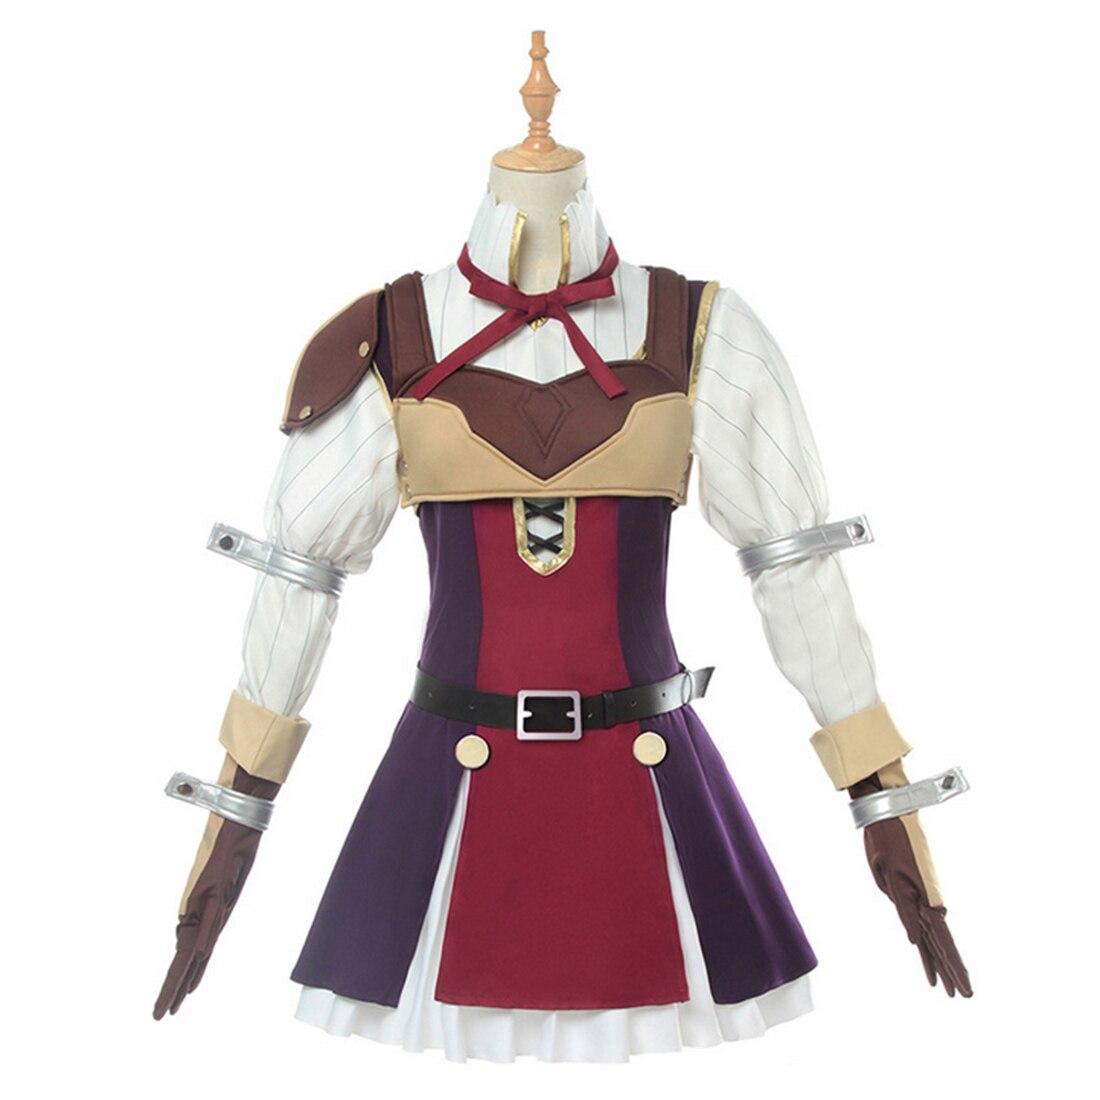 Fiesta y adornos DIY para fiesta para el levantamiento del héroe escudo para disfraz de Cosplay Raphtalia disfraz de Anime japonés vestido para niñas